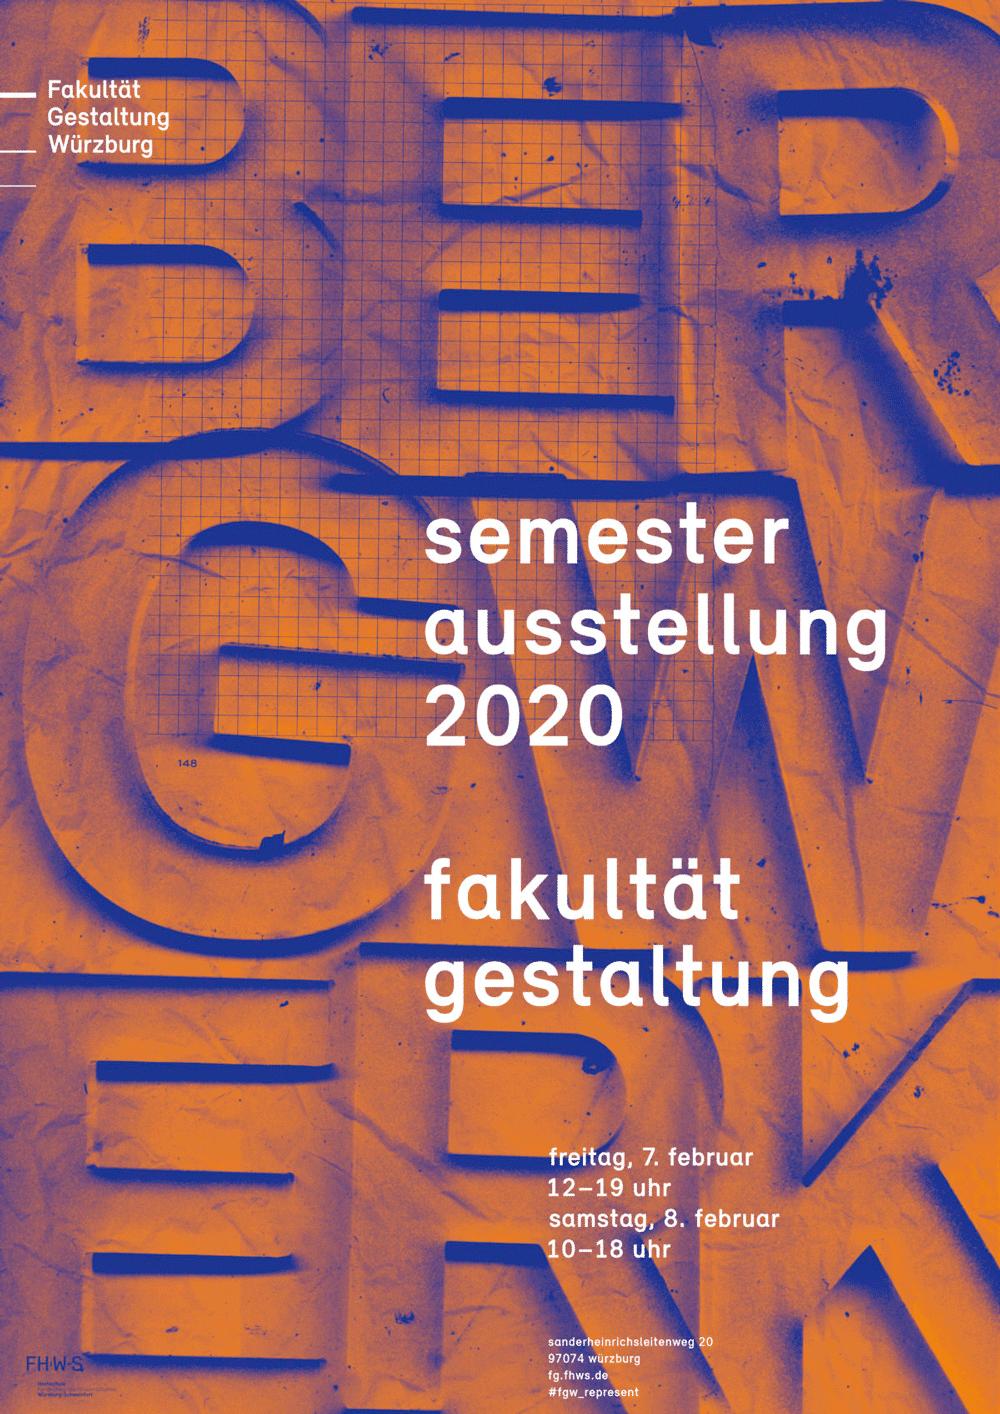 Semesterausstellung 2020 an der FHWS Gestaltung in Würzburg